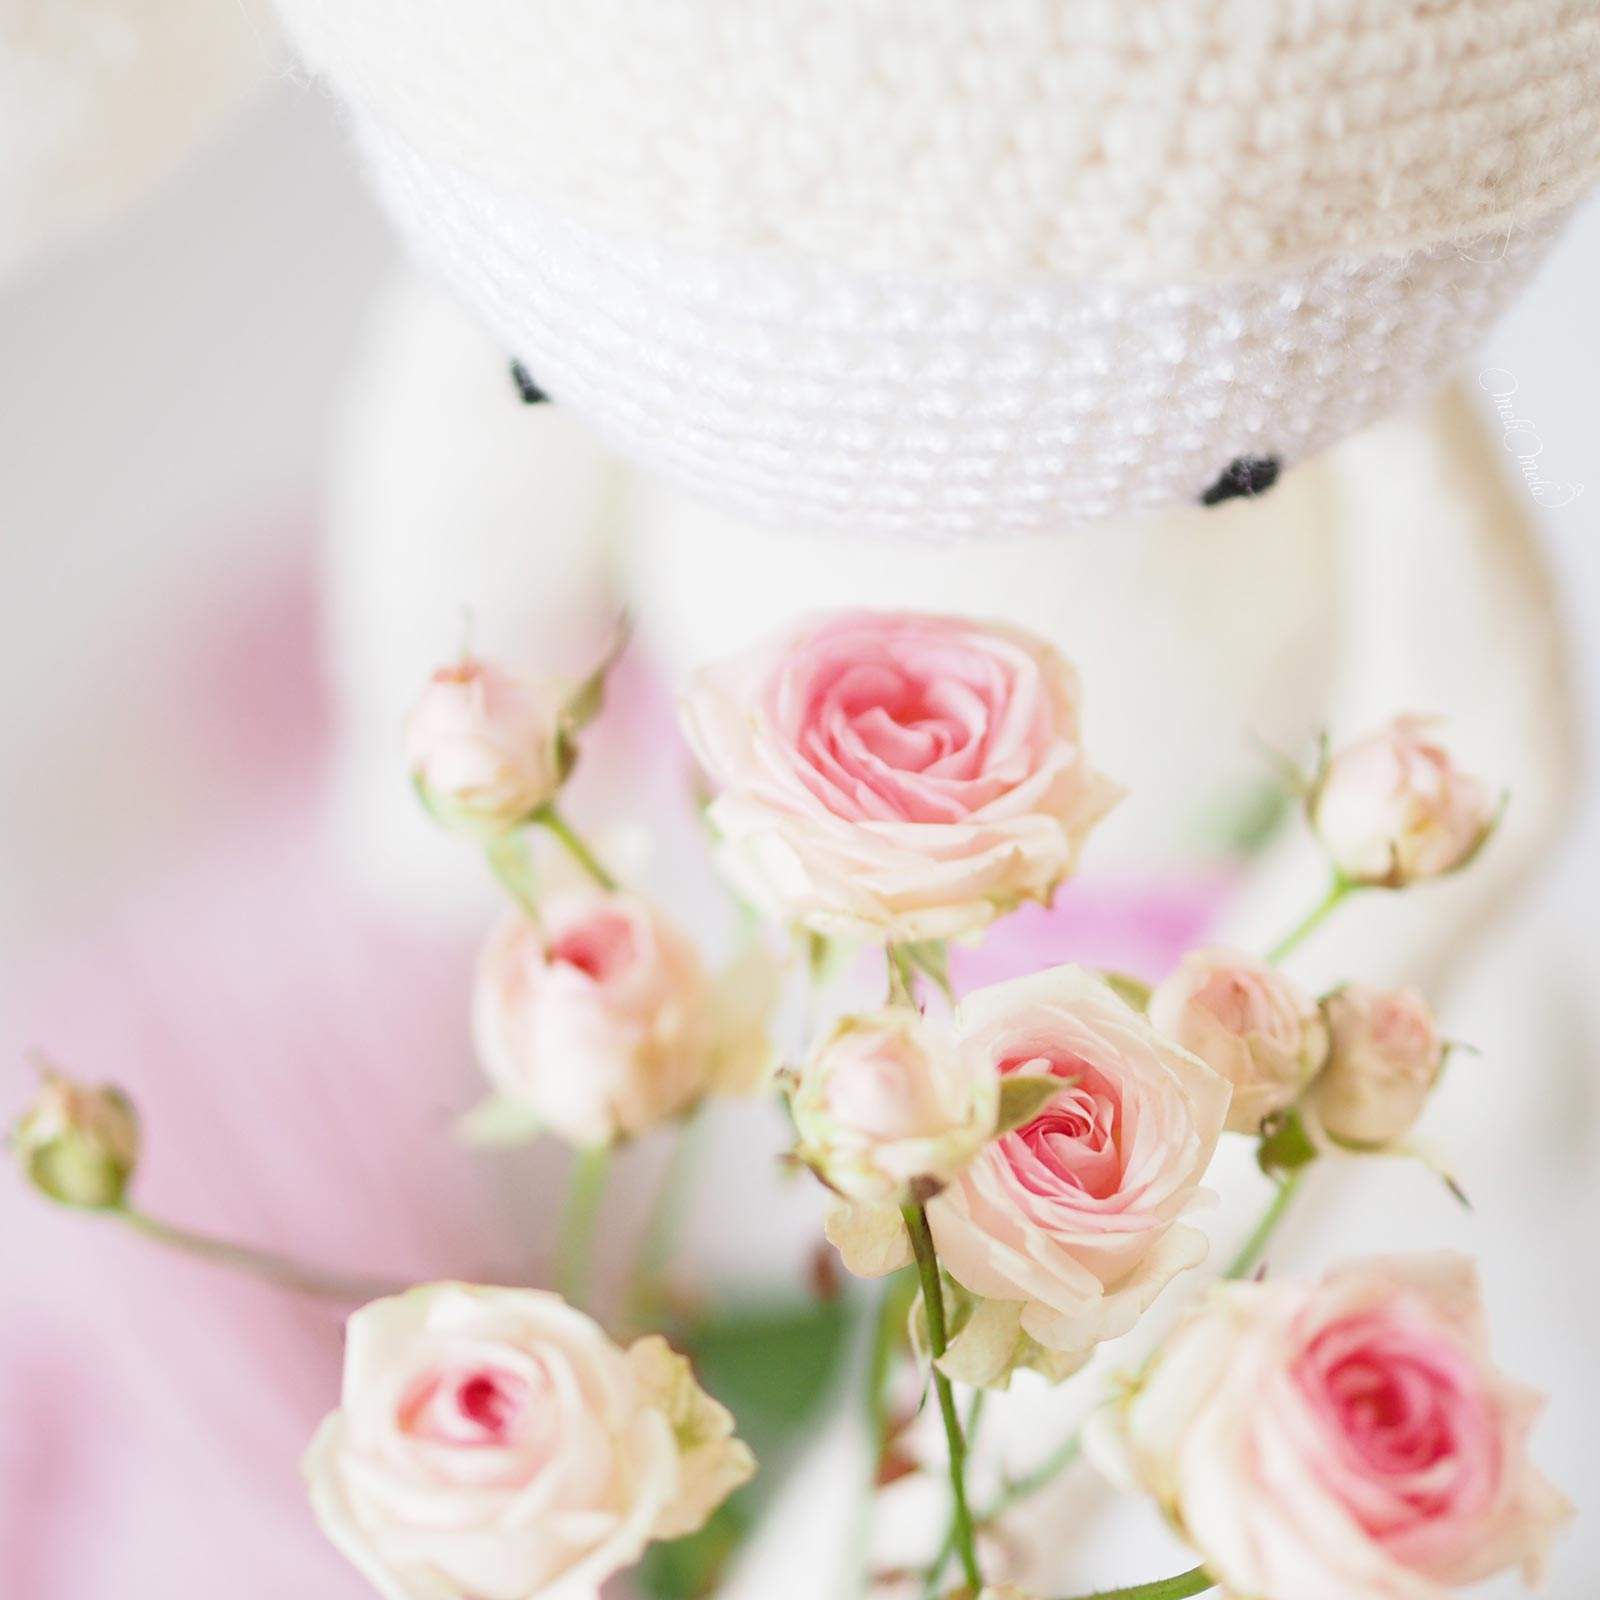 crochet conejo rita lalylala ganchillo ramo rosas flores la jara valladolid lana alpaca ricodesign laboutiquedemelimelo